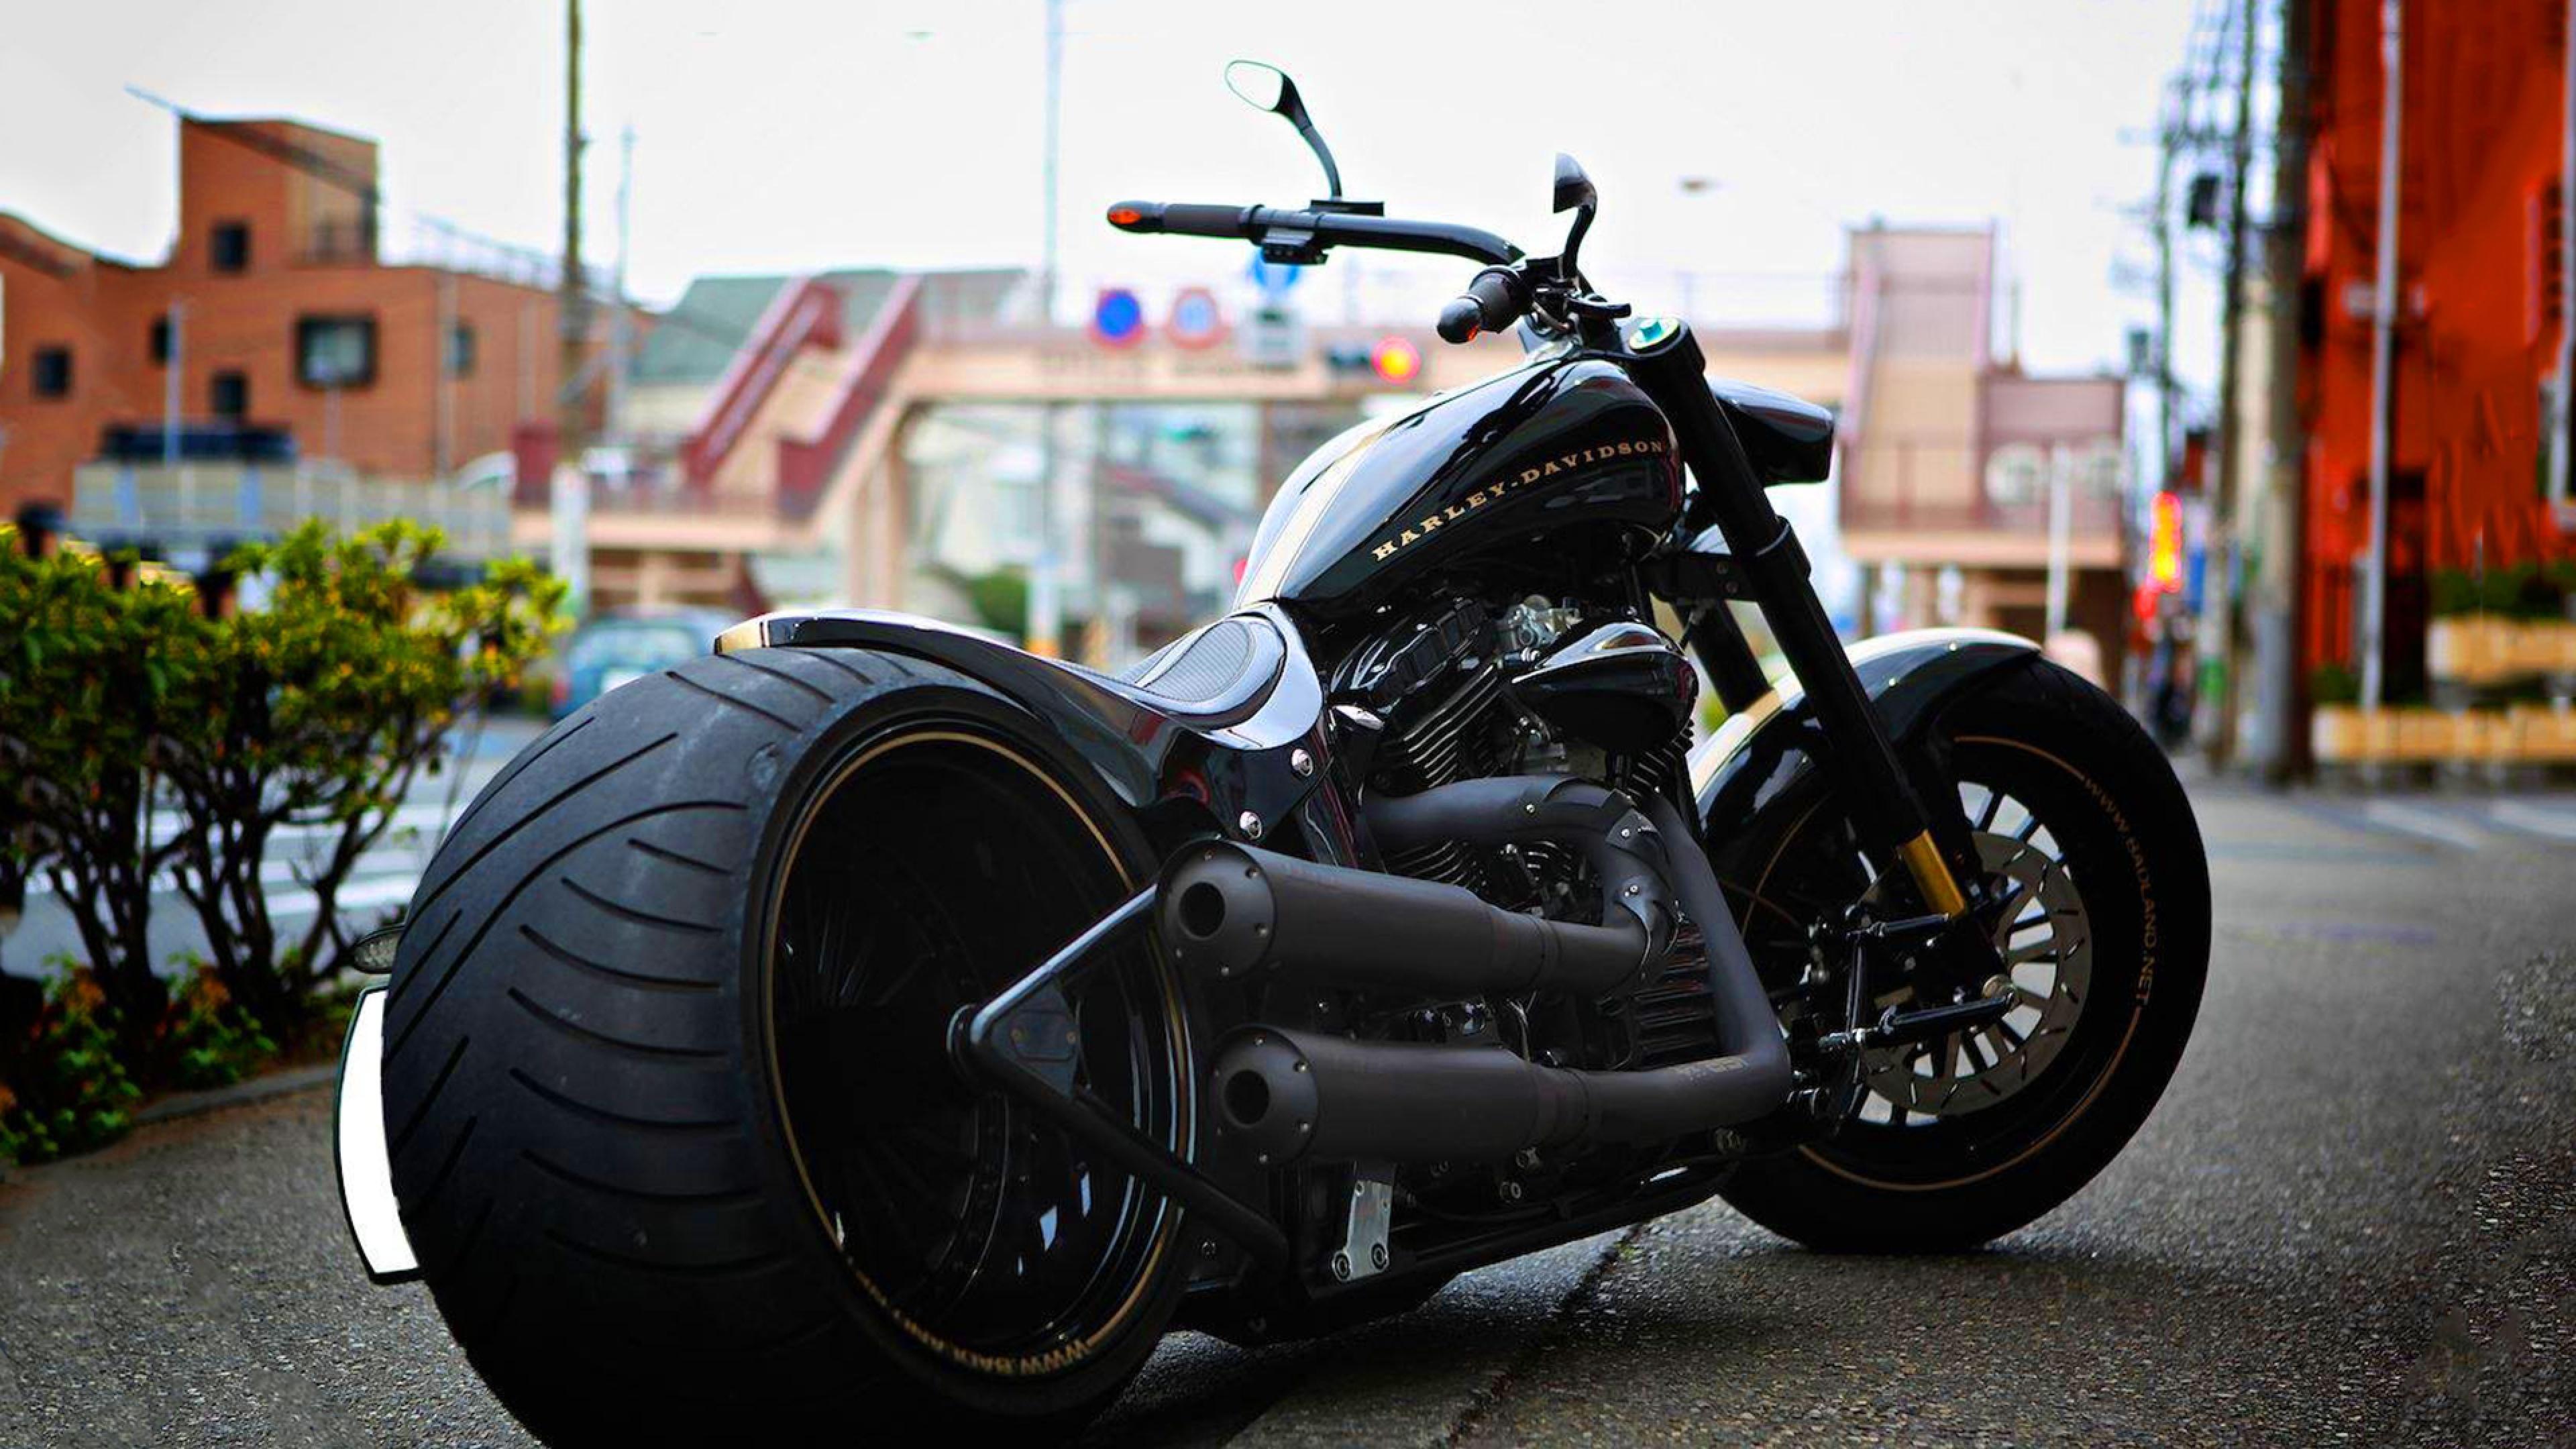 Harley Davidson Vintage, HD Bikes, 4k Wallpapers, Images